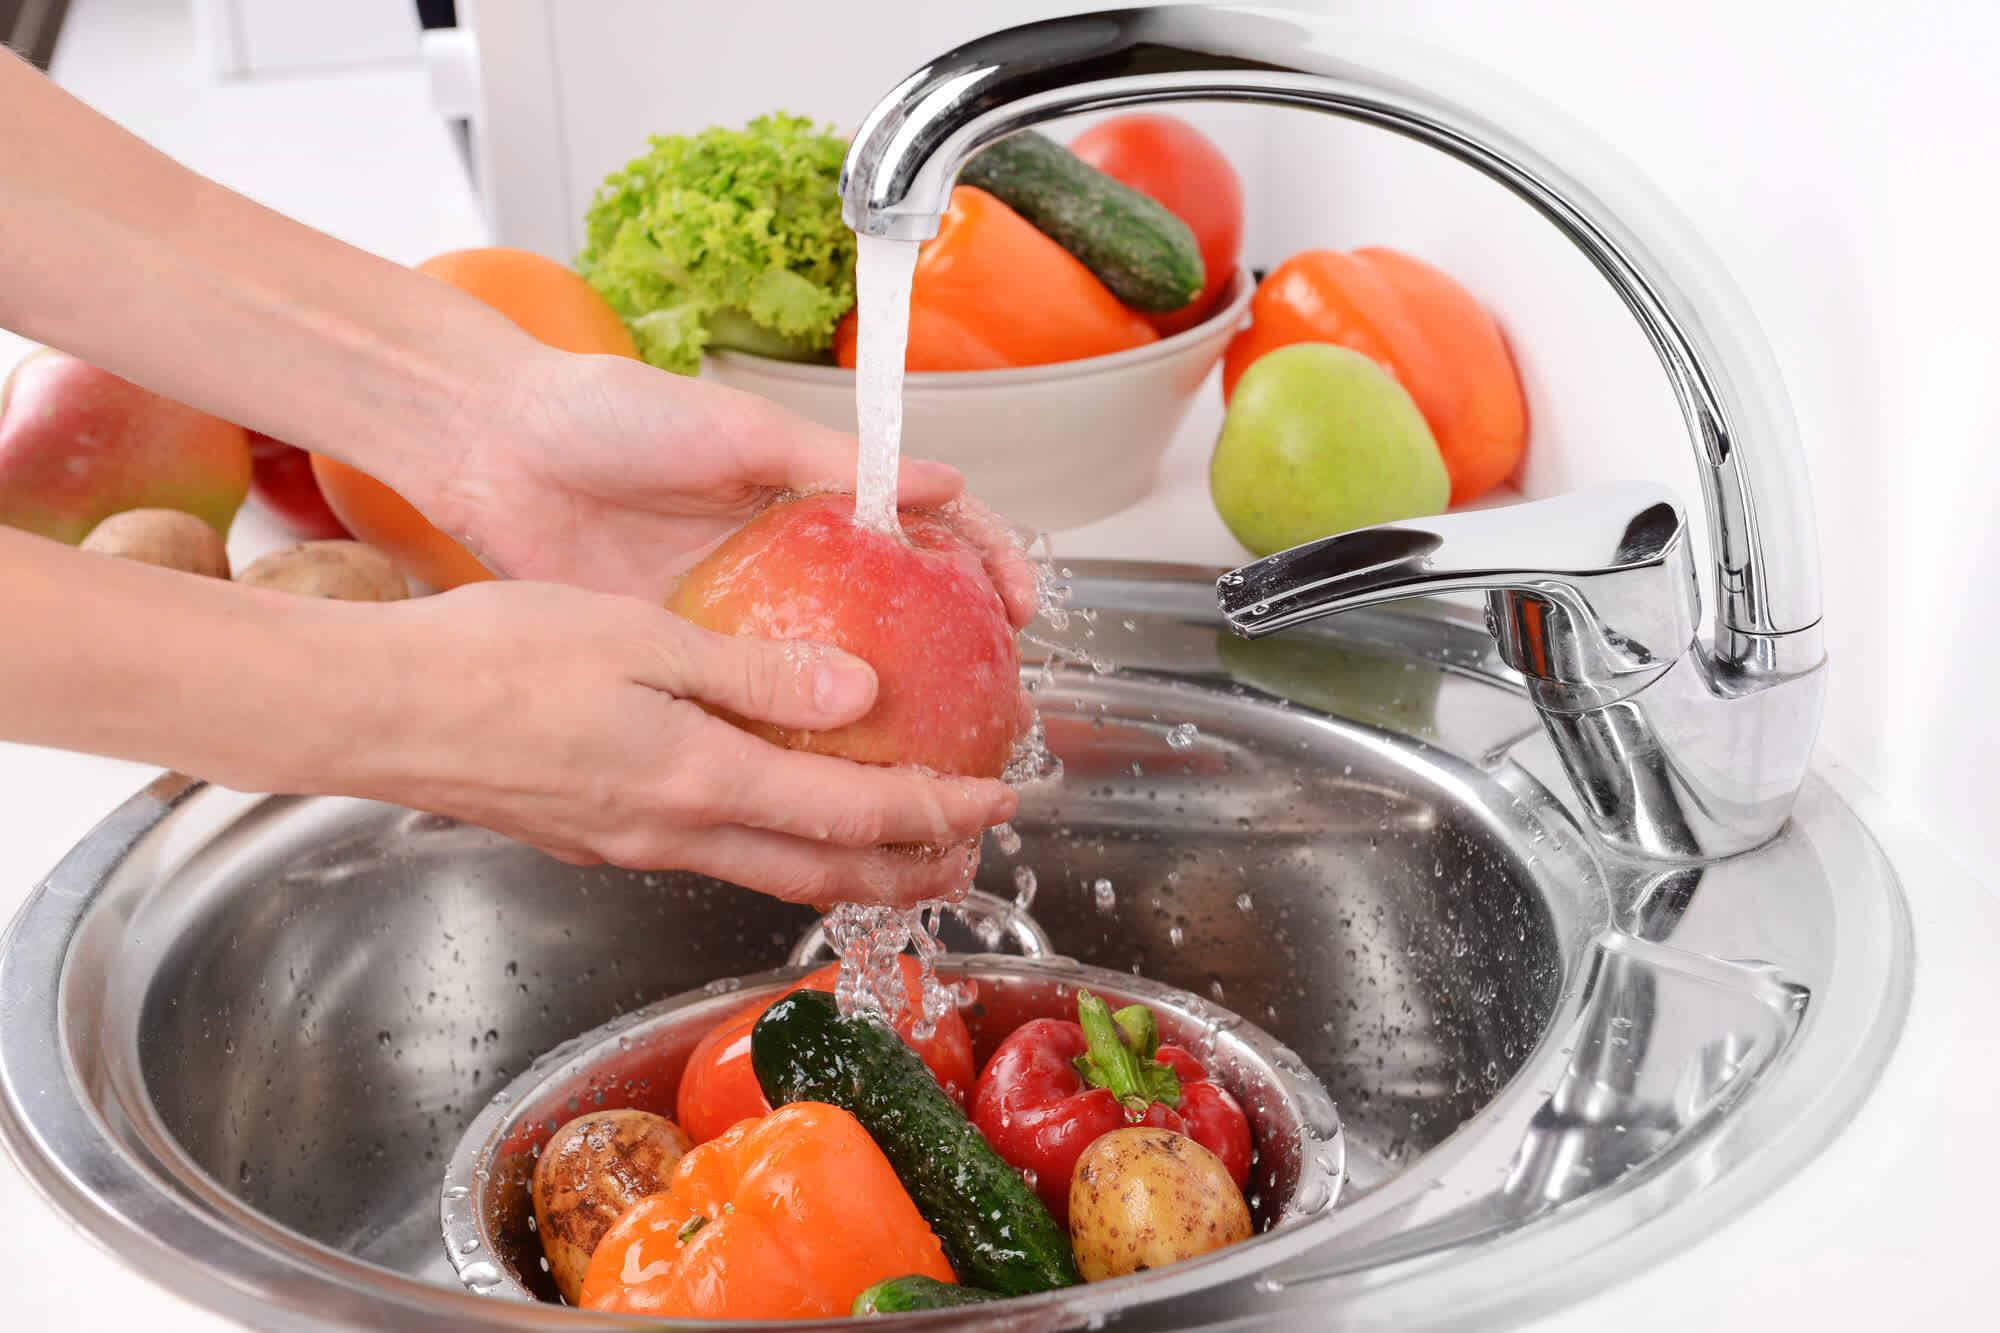 мытьё овощей и фруктов водой из-под крана